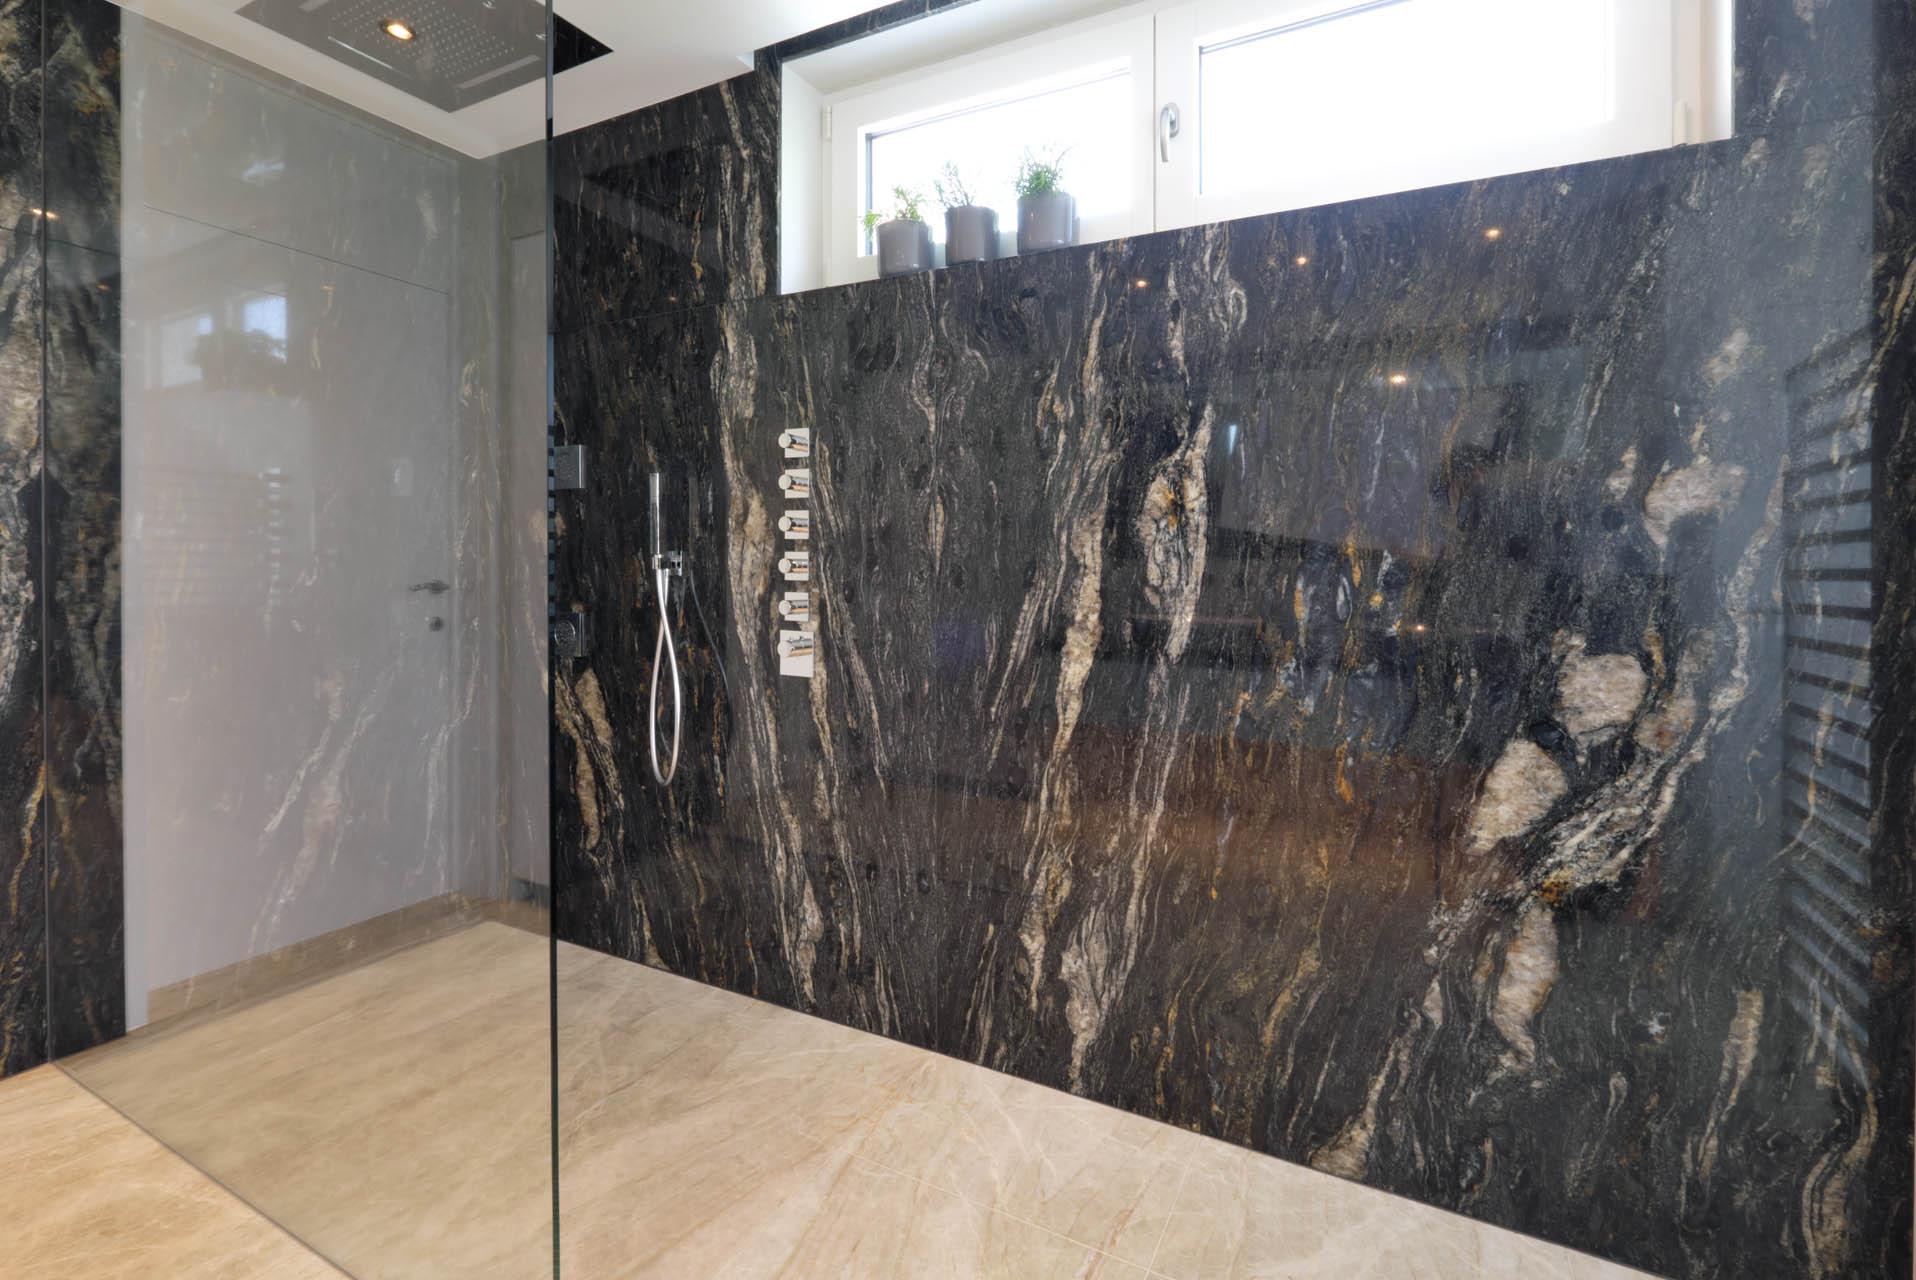 Wandplatten aus dunklem Granit mit goldenen Adern